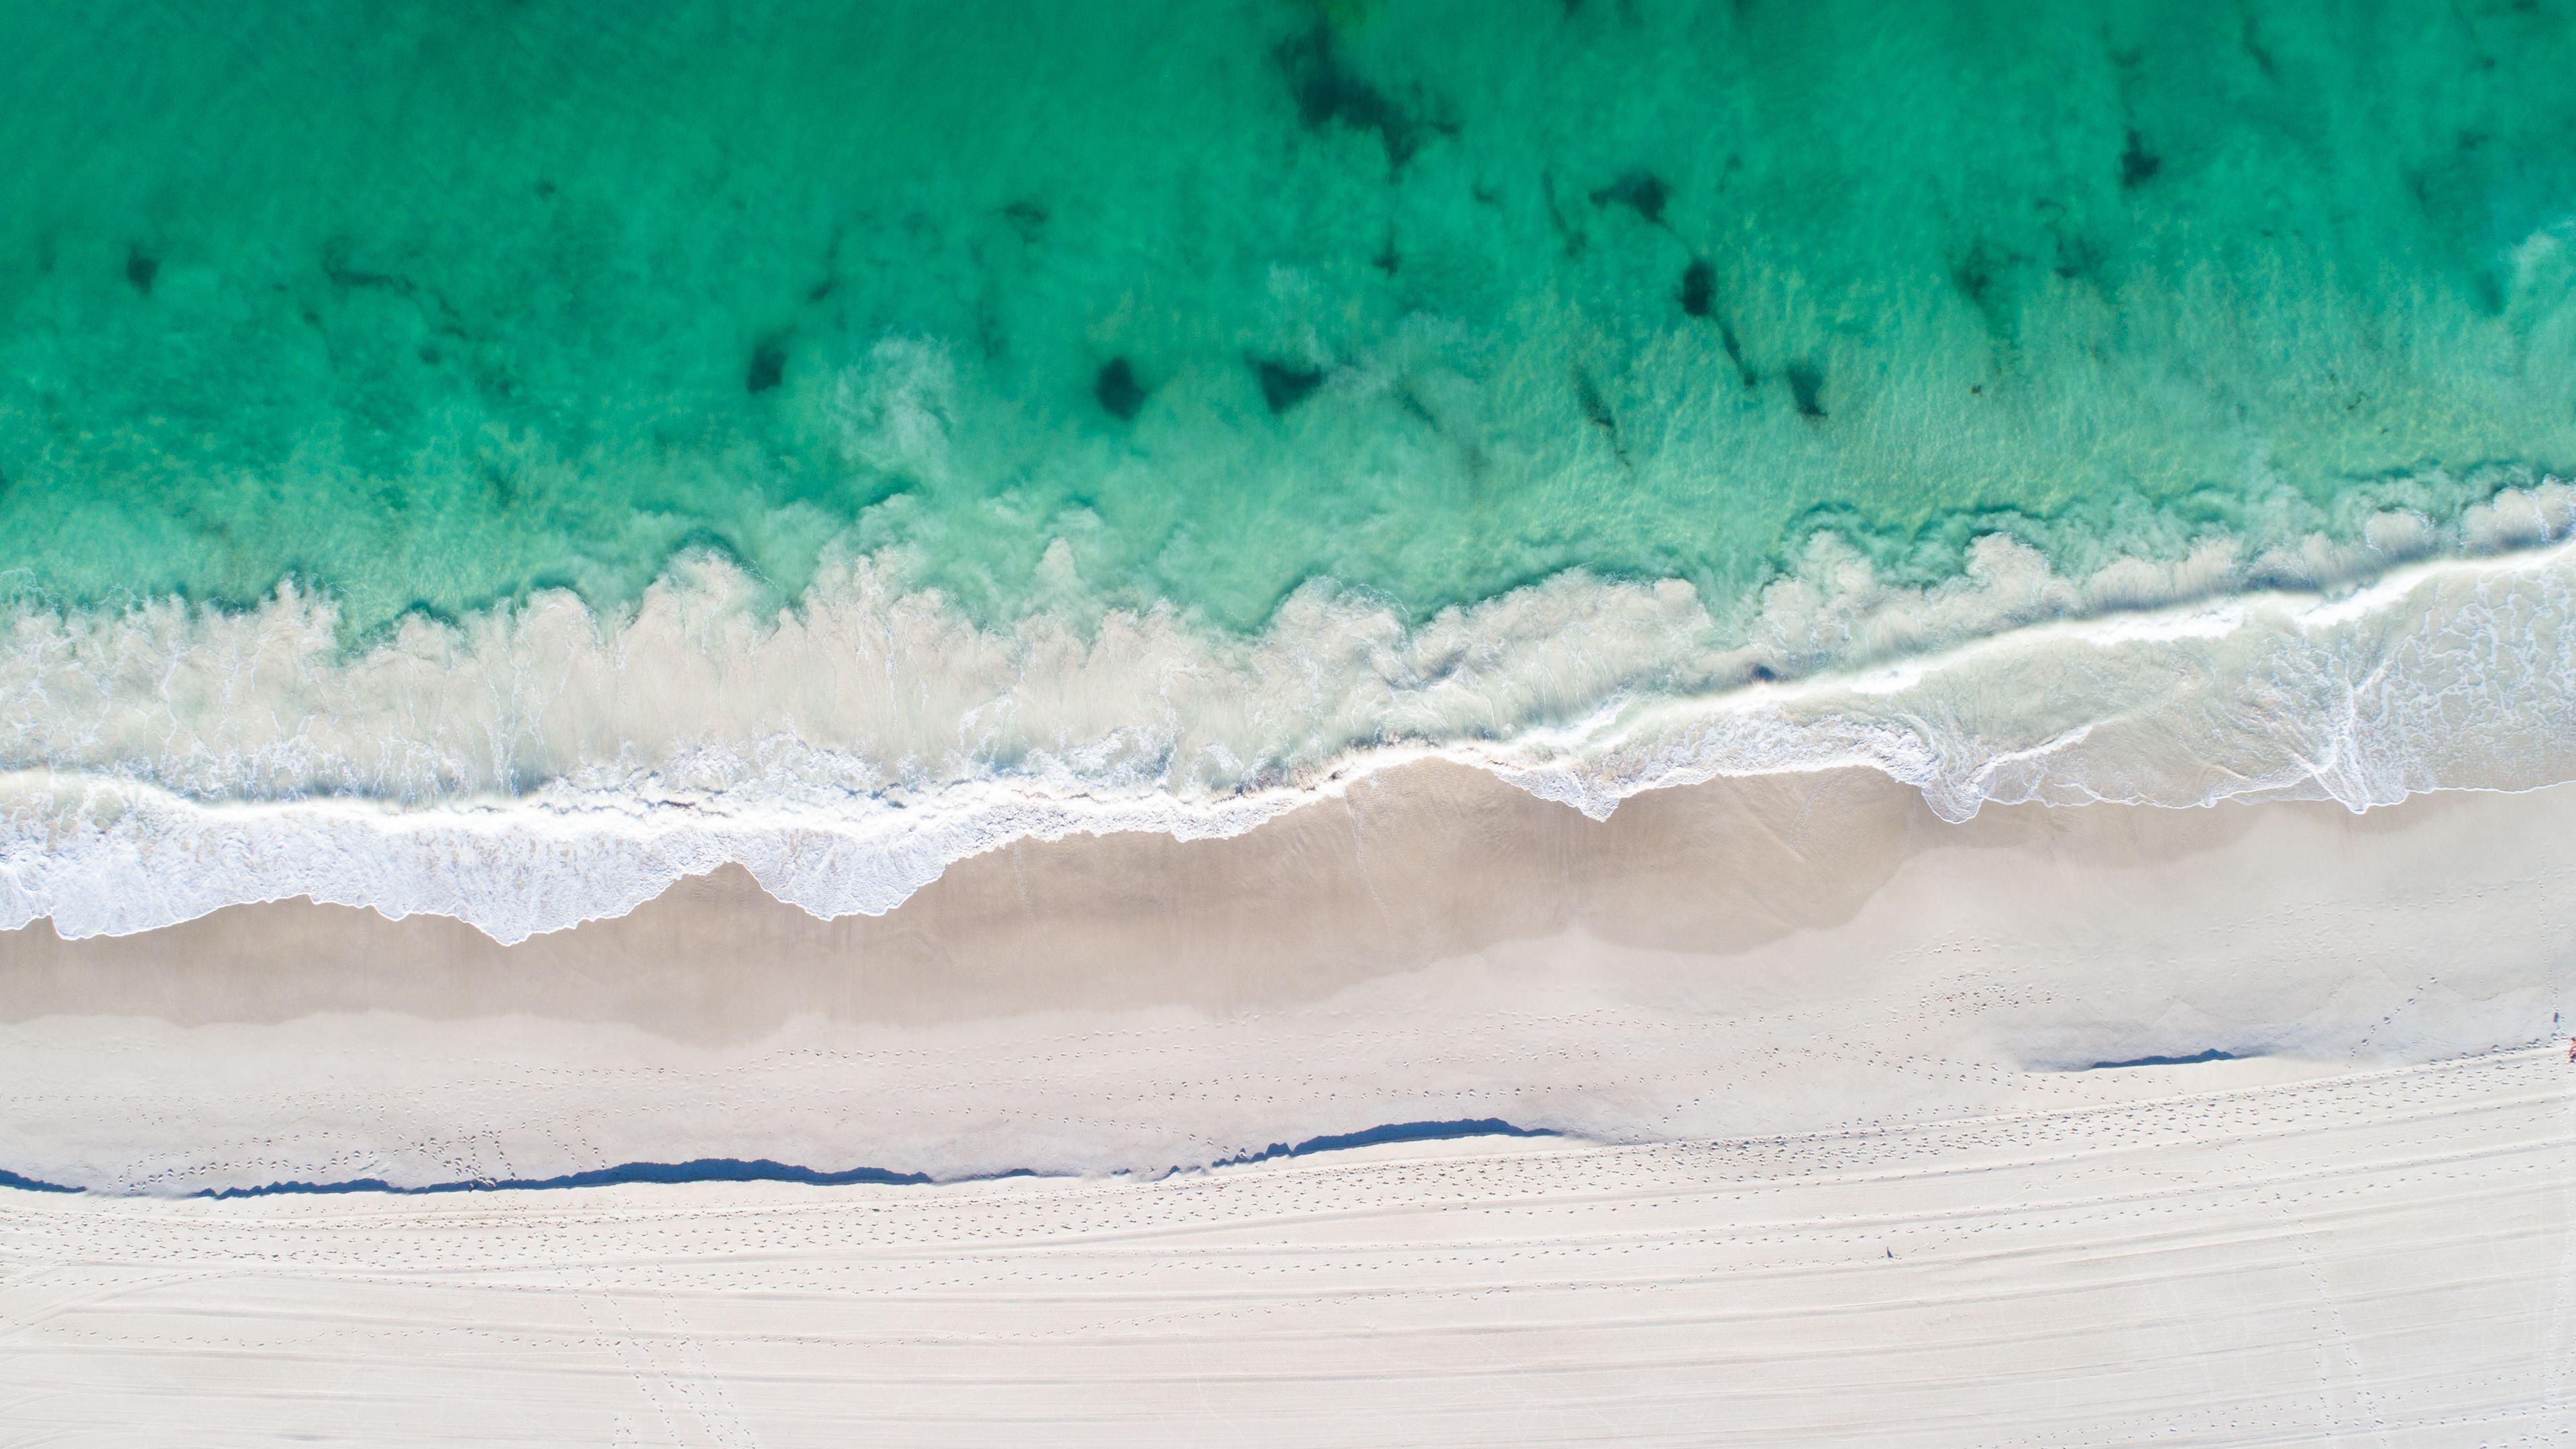 aerial view of beach clear ocaen sand 5k 1540142939 - Aerial View Of Beach Clear Ocaen Sand 5k - sand wallpapers, ocean wallpapers, nature wallpapers, hd-wallpapers, clouds wallpapers, beach wallpapers, aerial wallpapers, 5k wallpapers, 4k-wallpapers